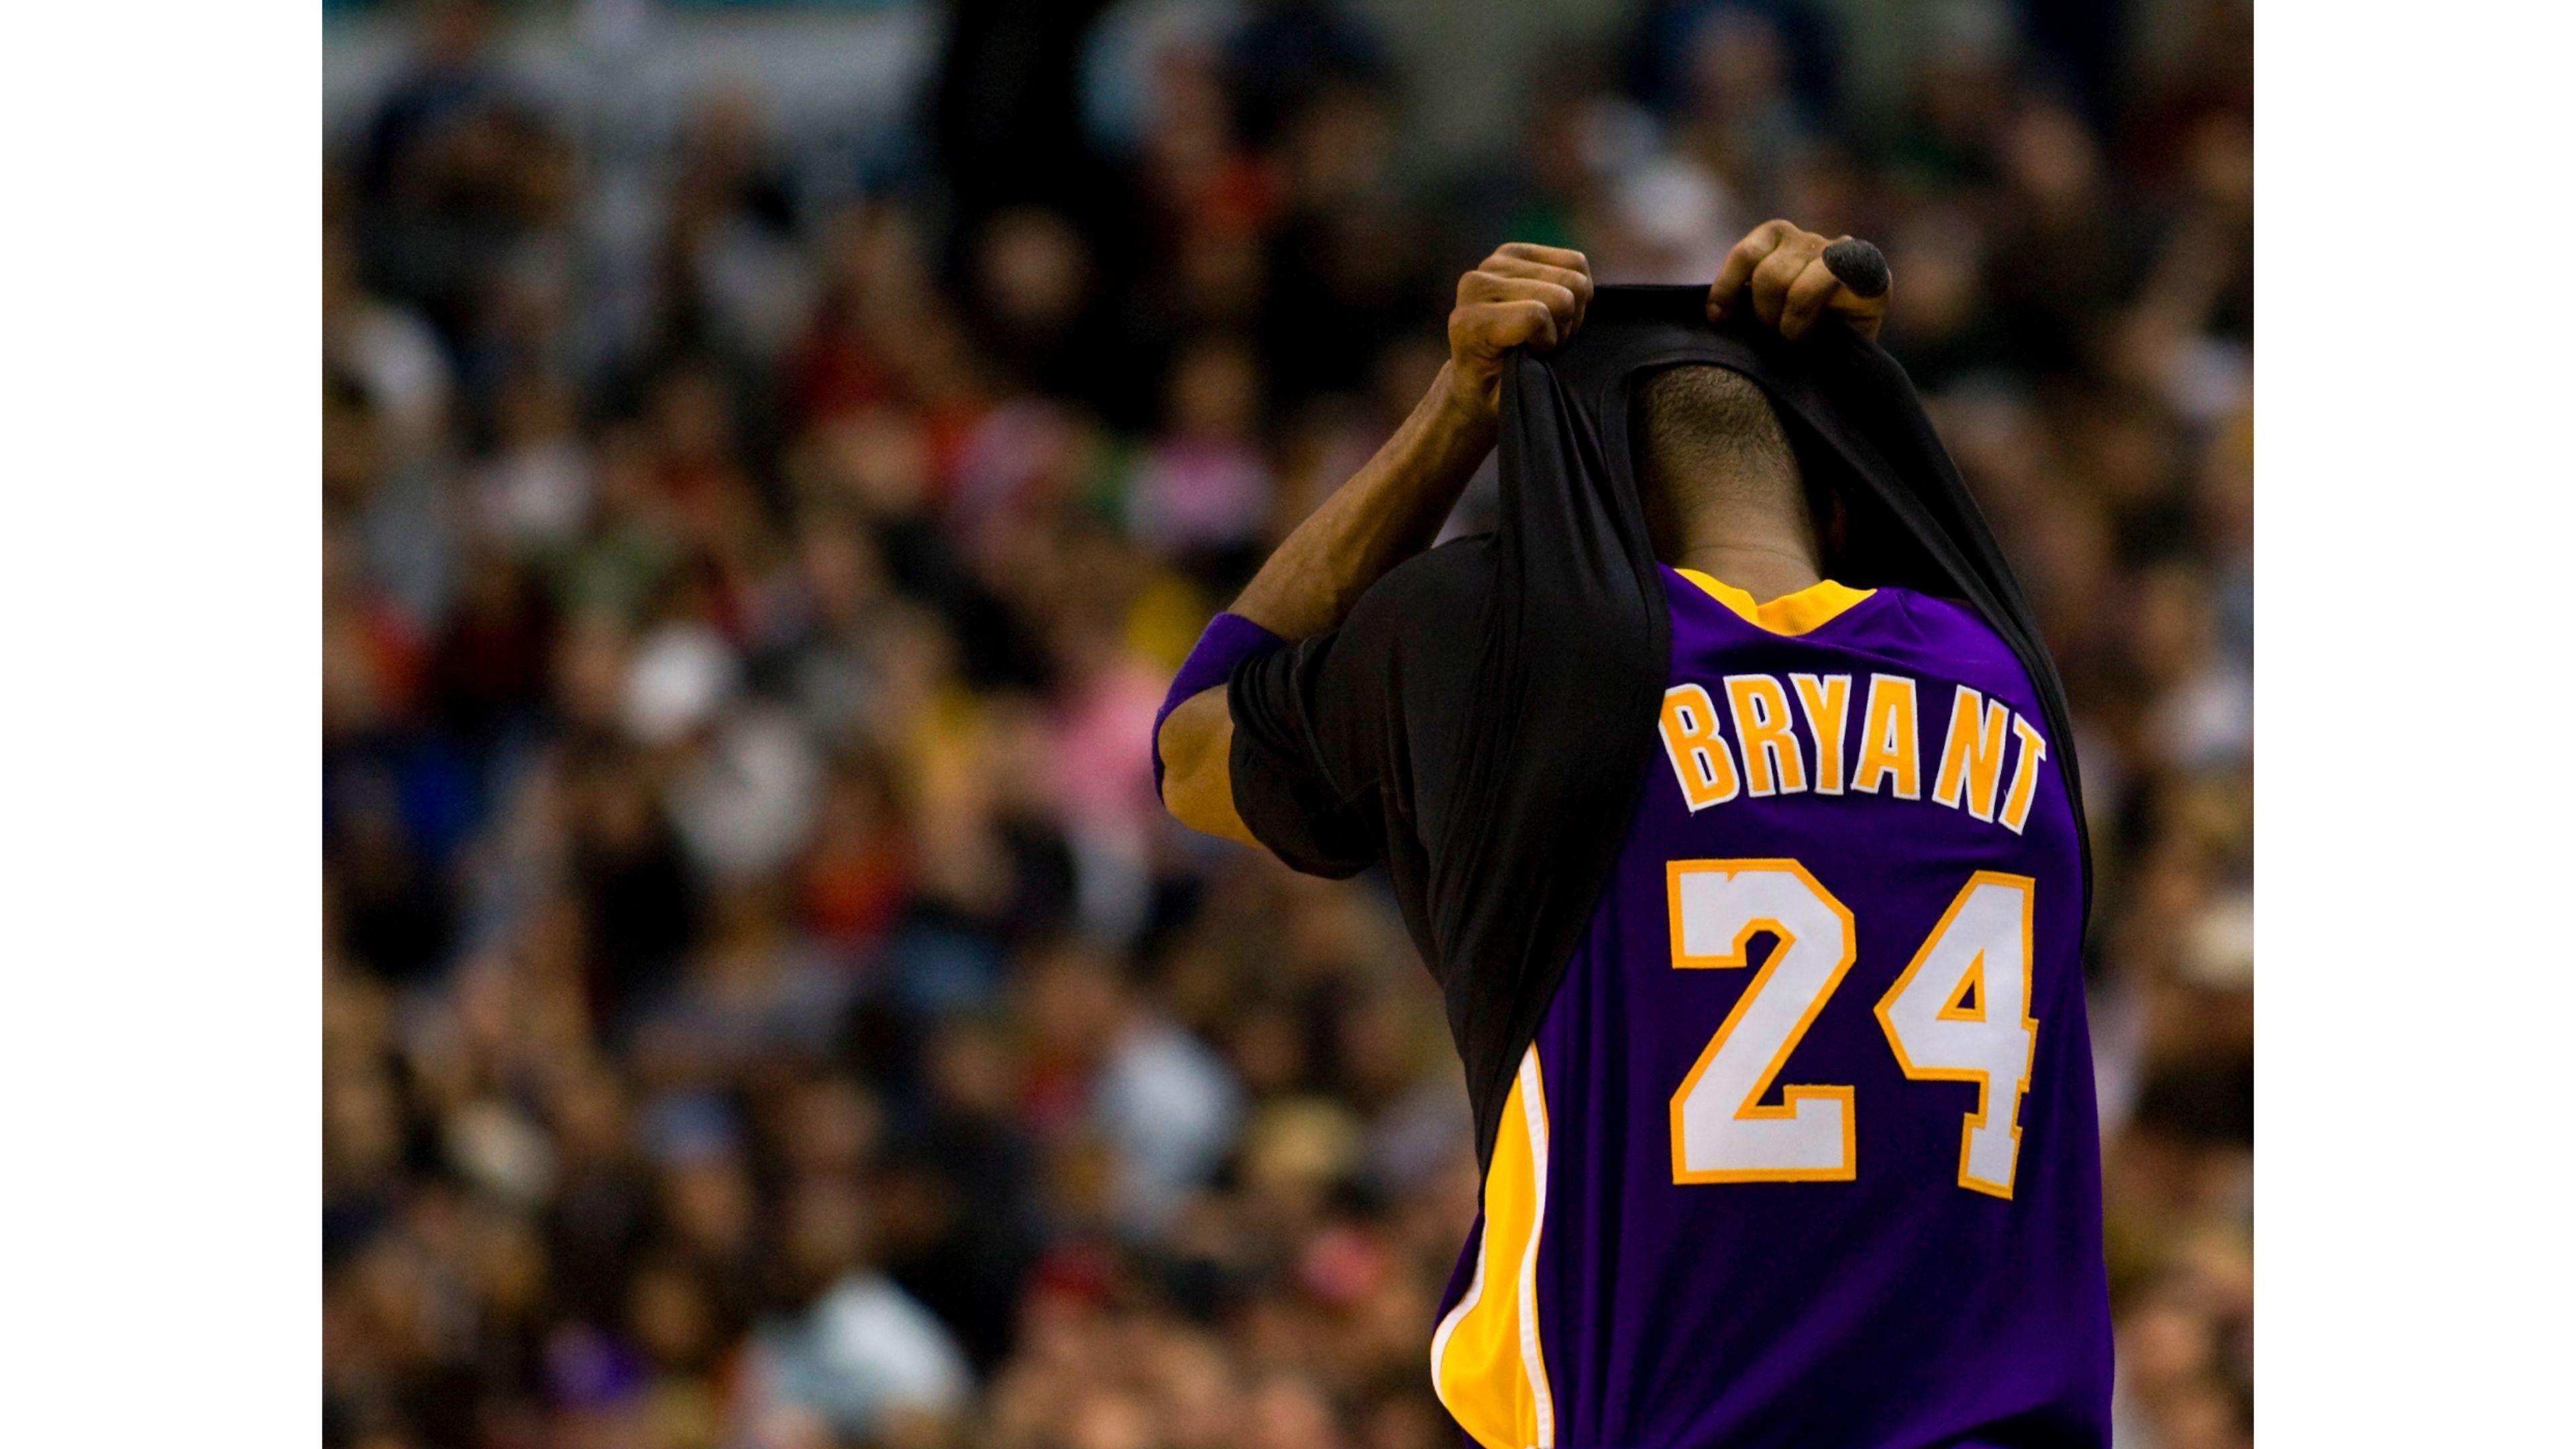 Kobe Bryant Bryant w 2012 roku 8 24 rzucający obrońca Pełne imię i nazwisko Kobe Bean Bryant Pseudonim Black Mamba KB24 Vino Data i miejsce urodzenia